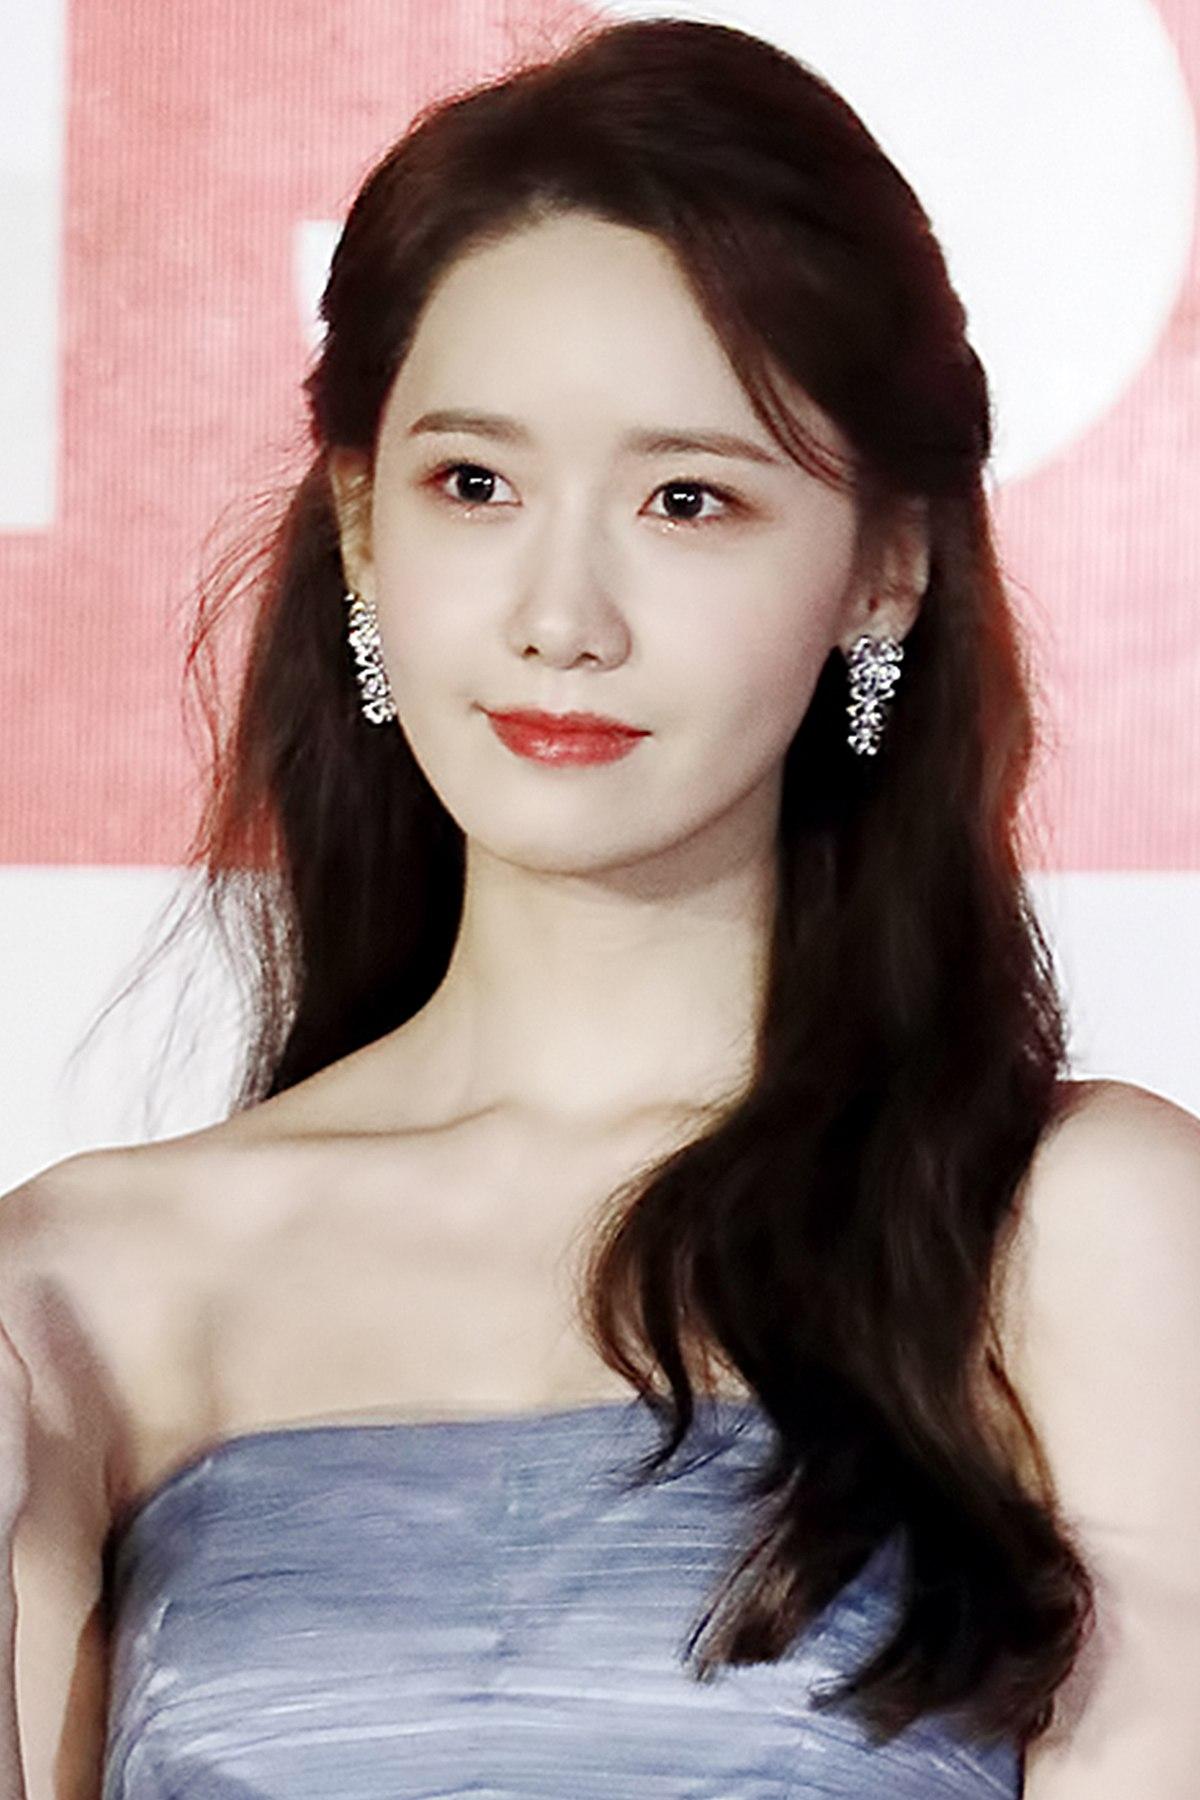 Diện tóc mái giả, Yoona từng bị hại ngượng chín mặt, đến Taeyeon cũng sững người vì bất ngờ - Ảnh 8.